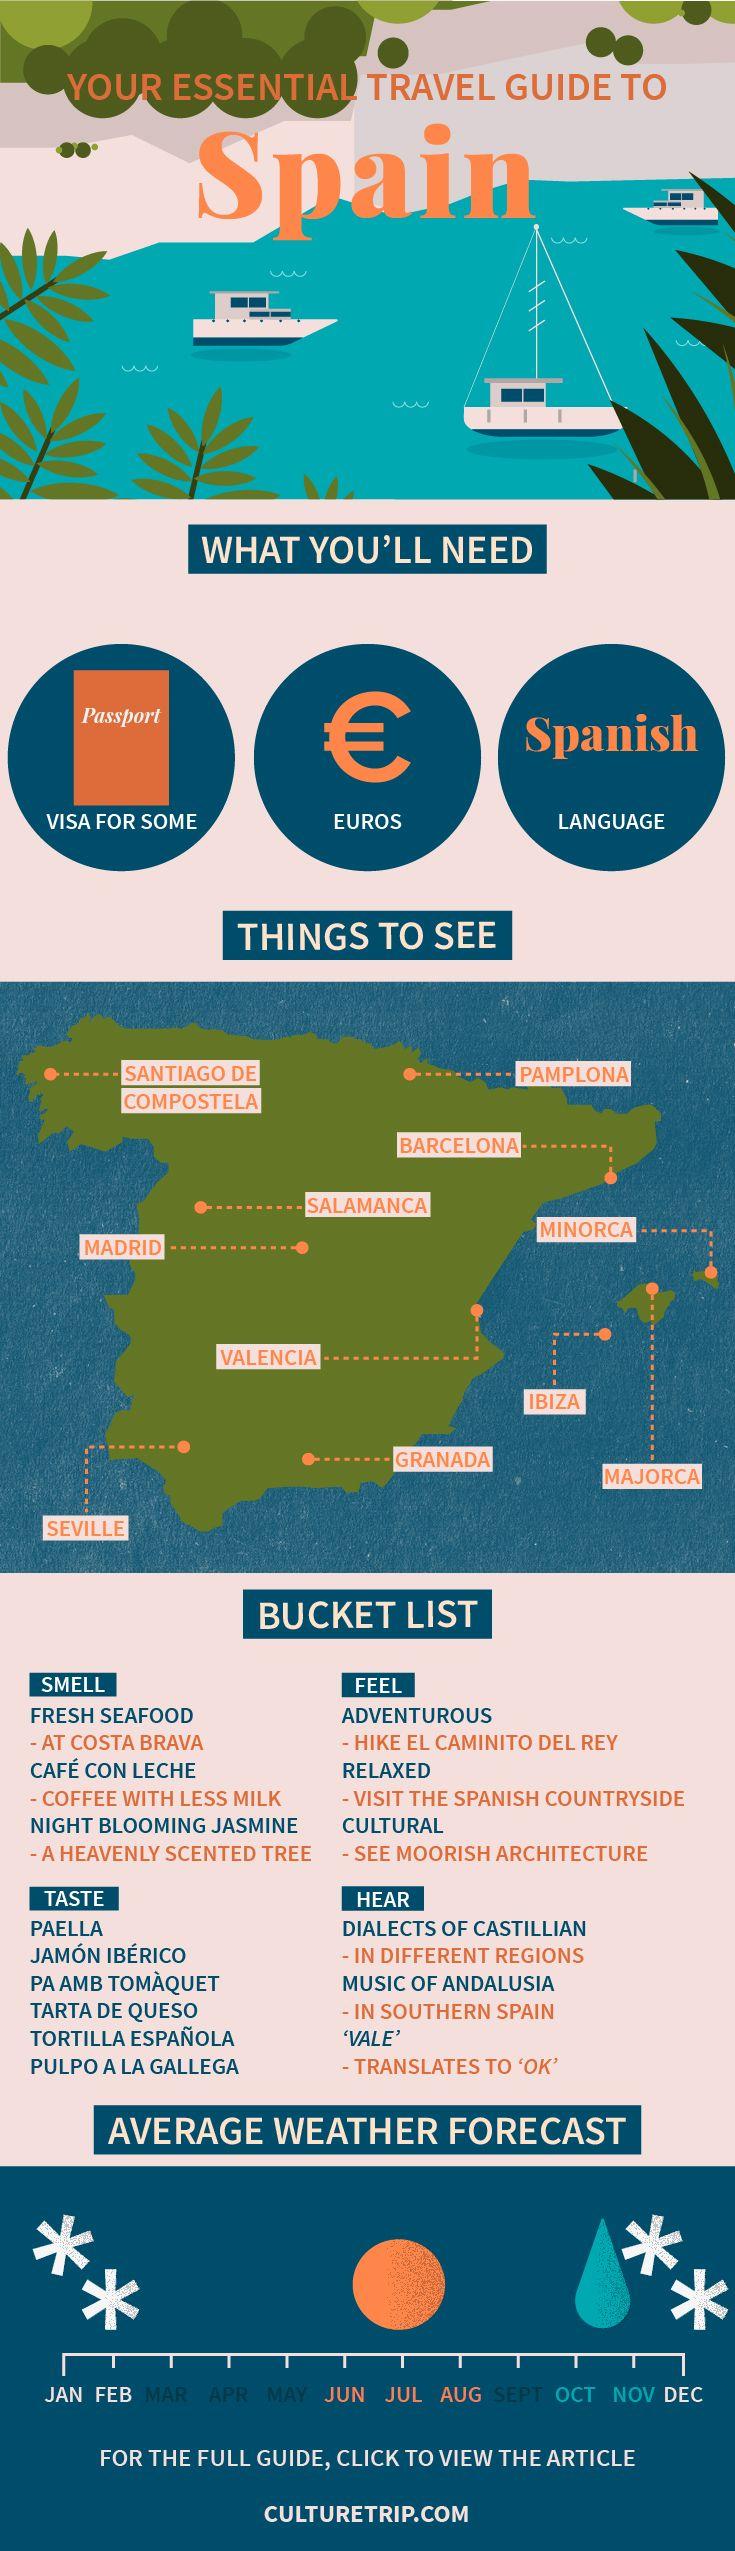 Your Essential Travel Guide to Spain (Infographic) | Spain, Madrid, city break, weekend break, Europe, bucket list, wanderlust, adventure, challenge, coffee, bar, food, must try